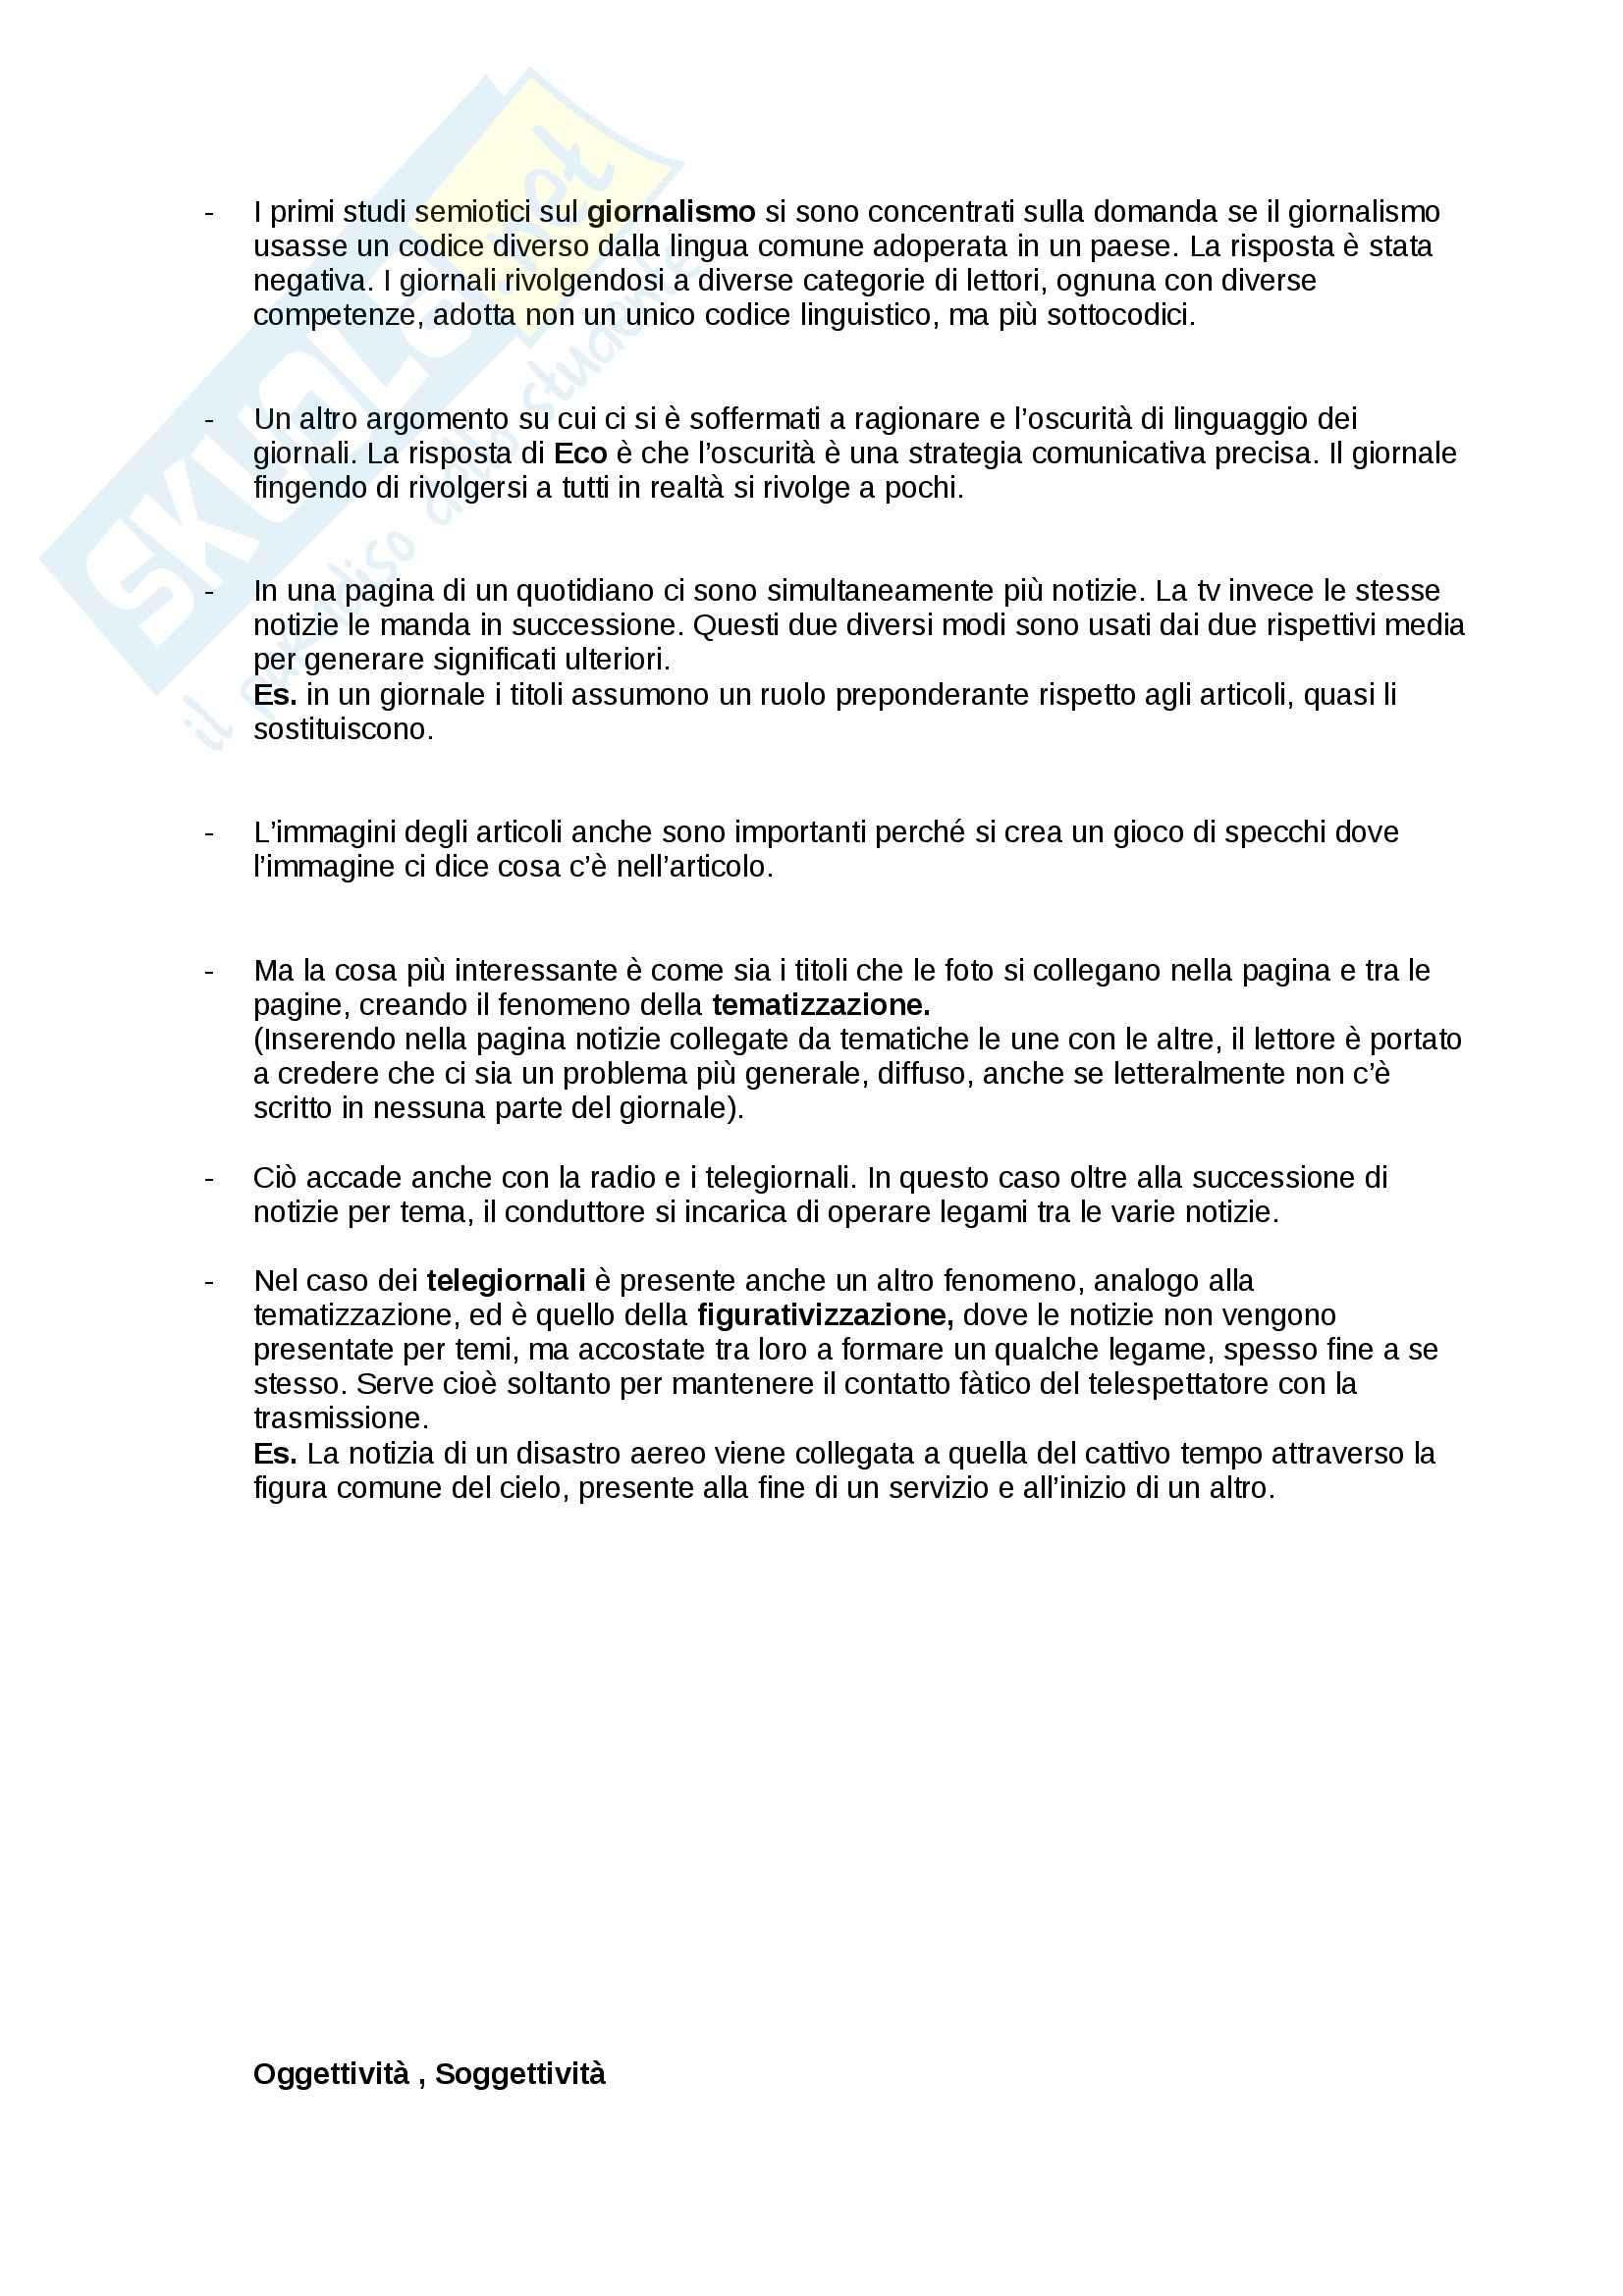 Teoria e semiotica della scrittura - Riassunto esame, prof. Zaganelli Pag. 21